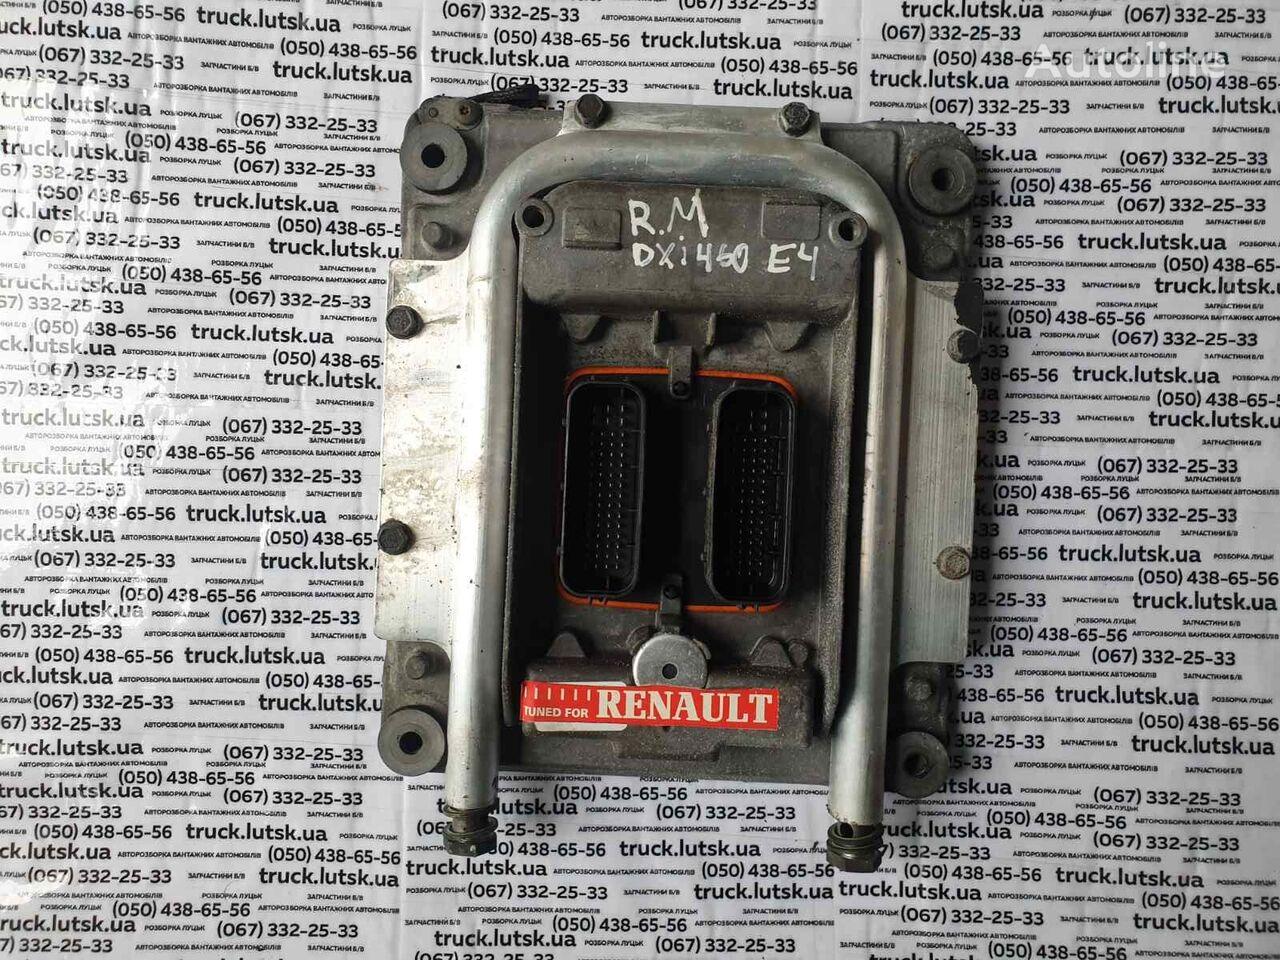 блок управления RENAULT DXI13 (20814604 P03) для тягача RENAULT Magnum